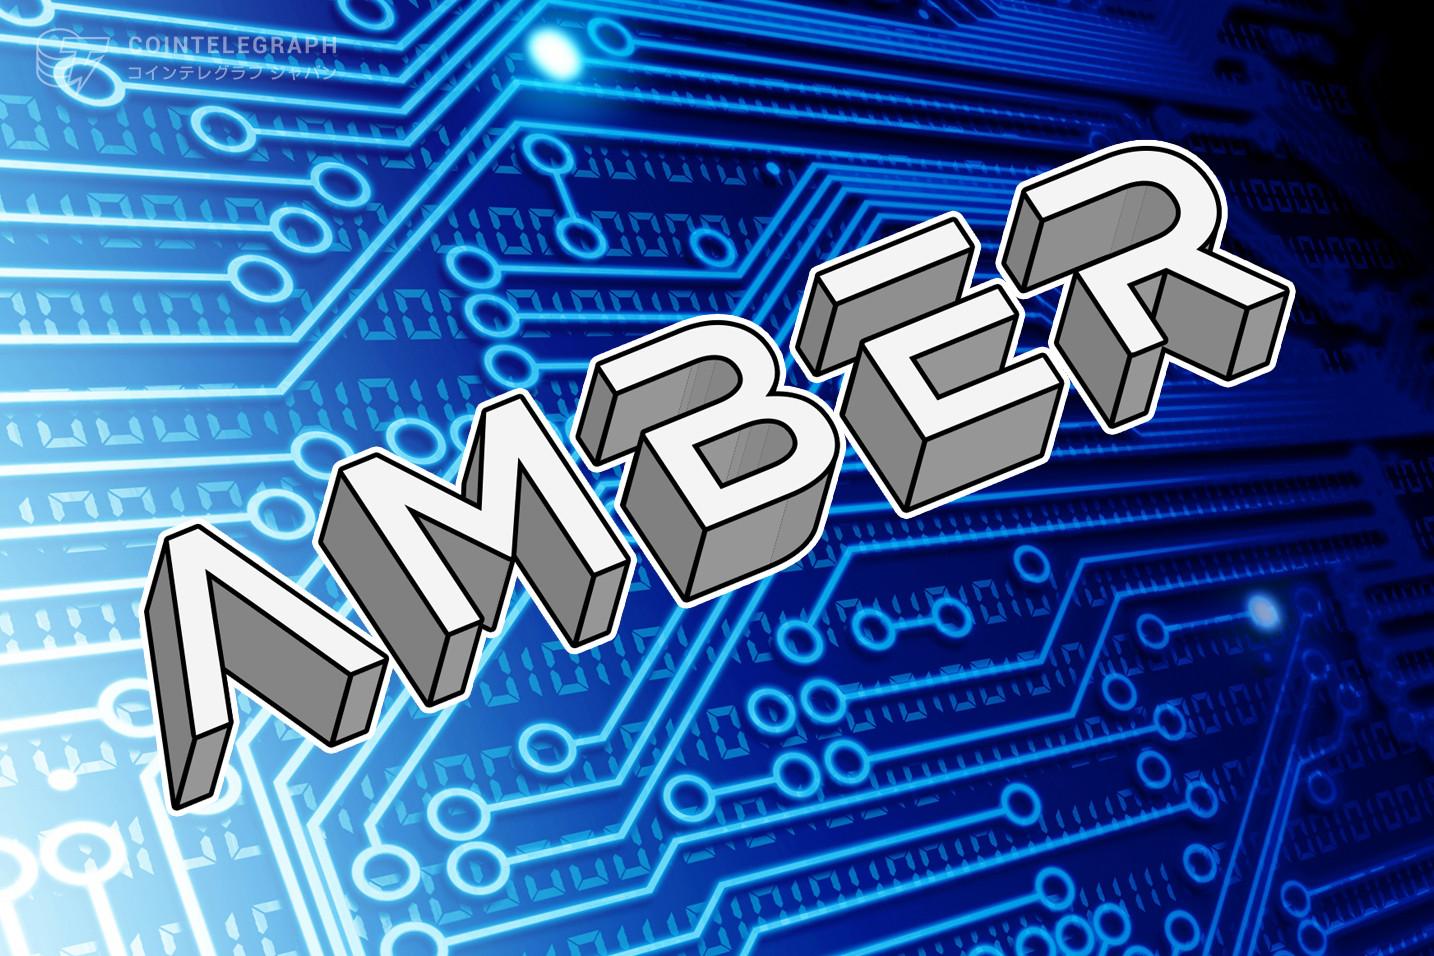 AmberグループがCreatorFi NFTイニシアチブをローンチ、NFTプラットフォームTR Labの最初のオークションを牽引